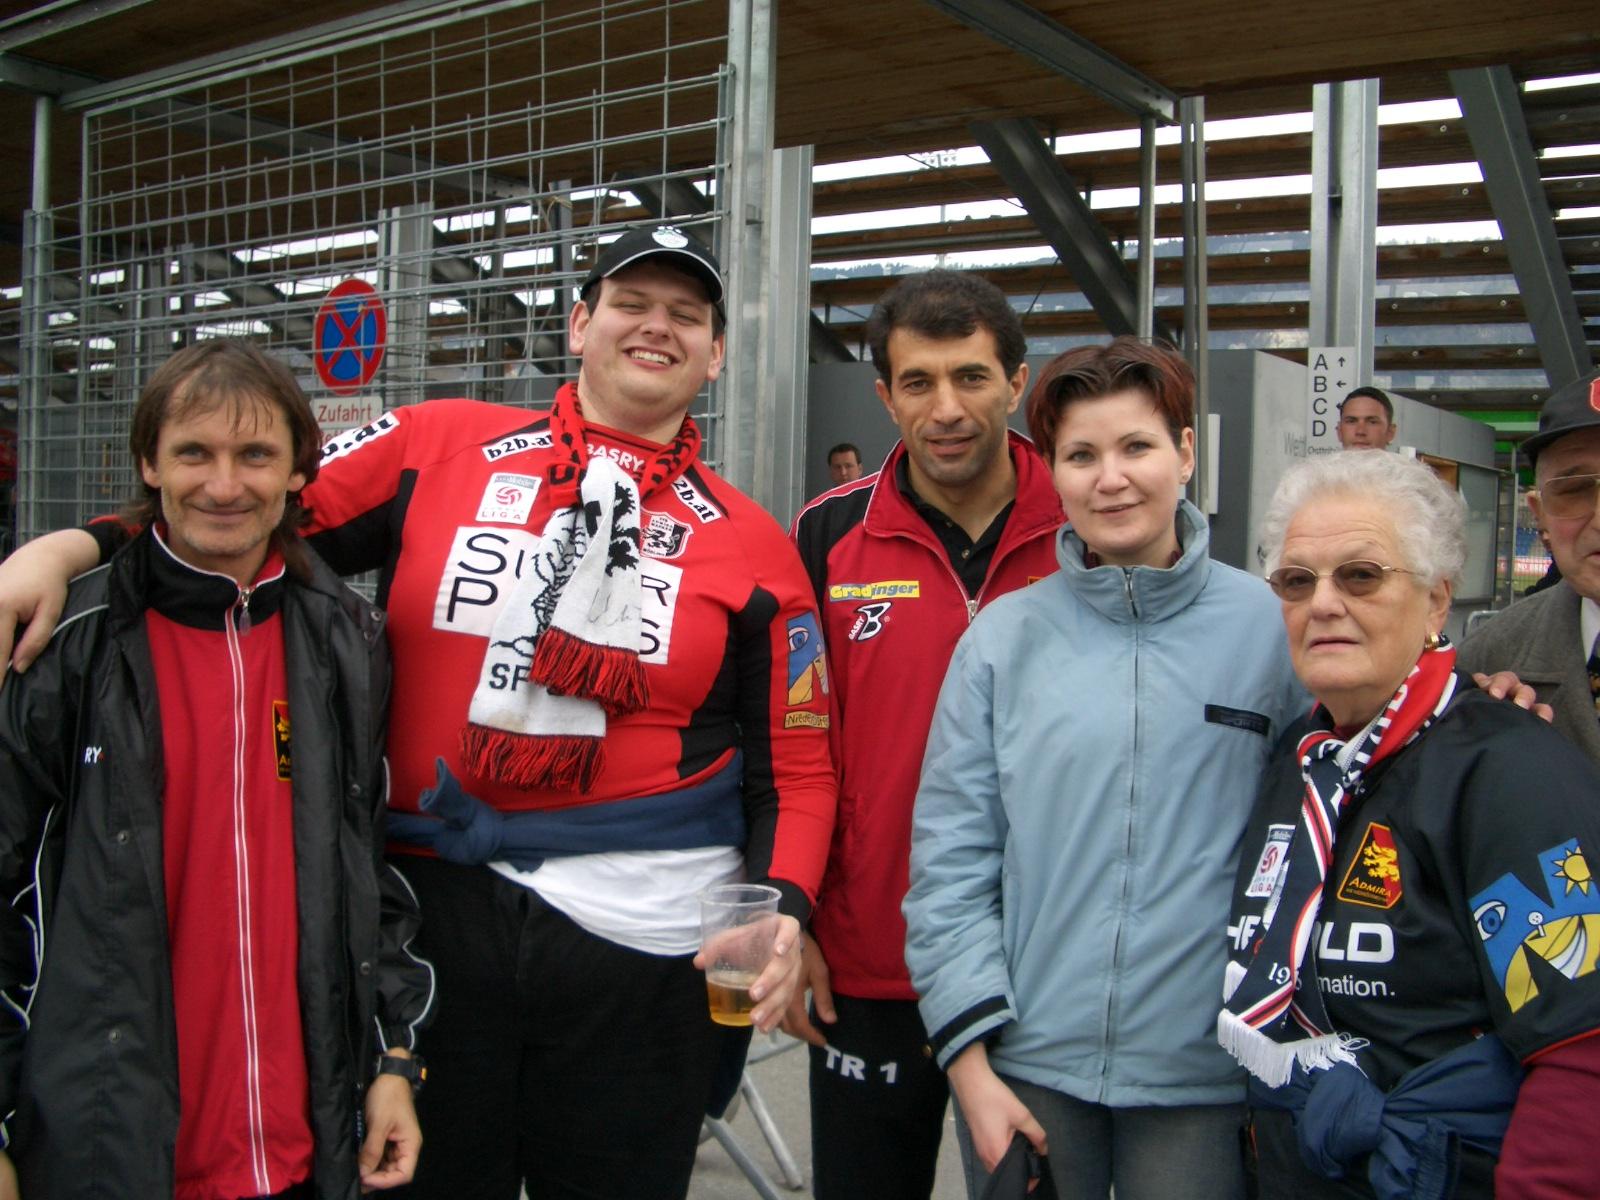 Auch unser ehemaliges Trainerduo Rachimov/Tatar durfte die Fraktion Oberbayern kennenlernen!